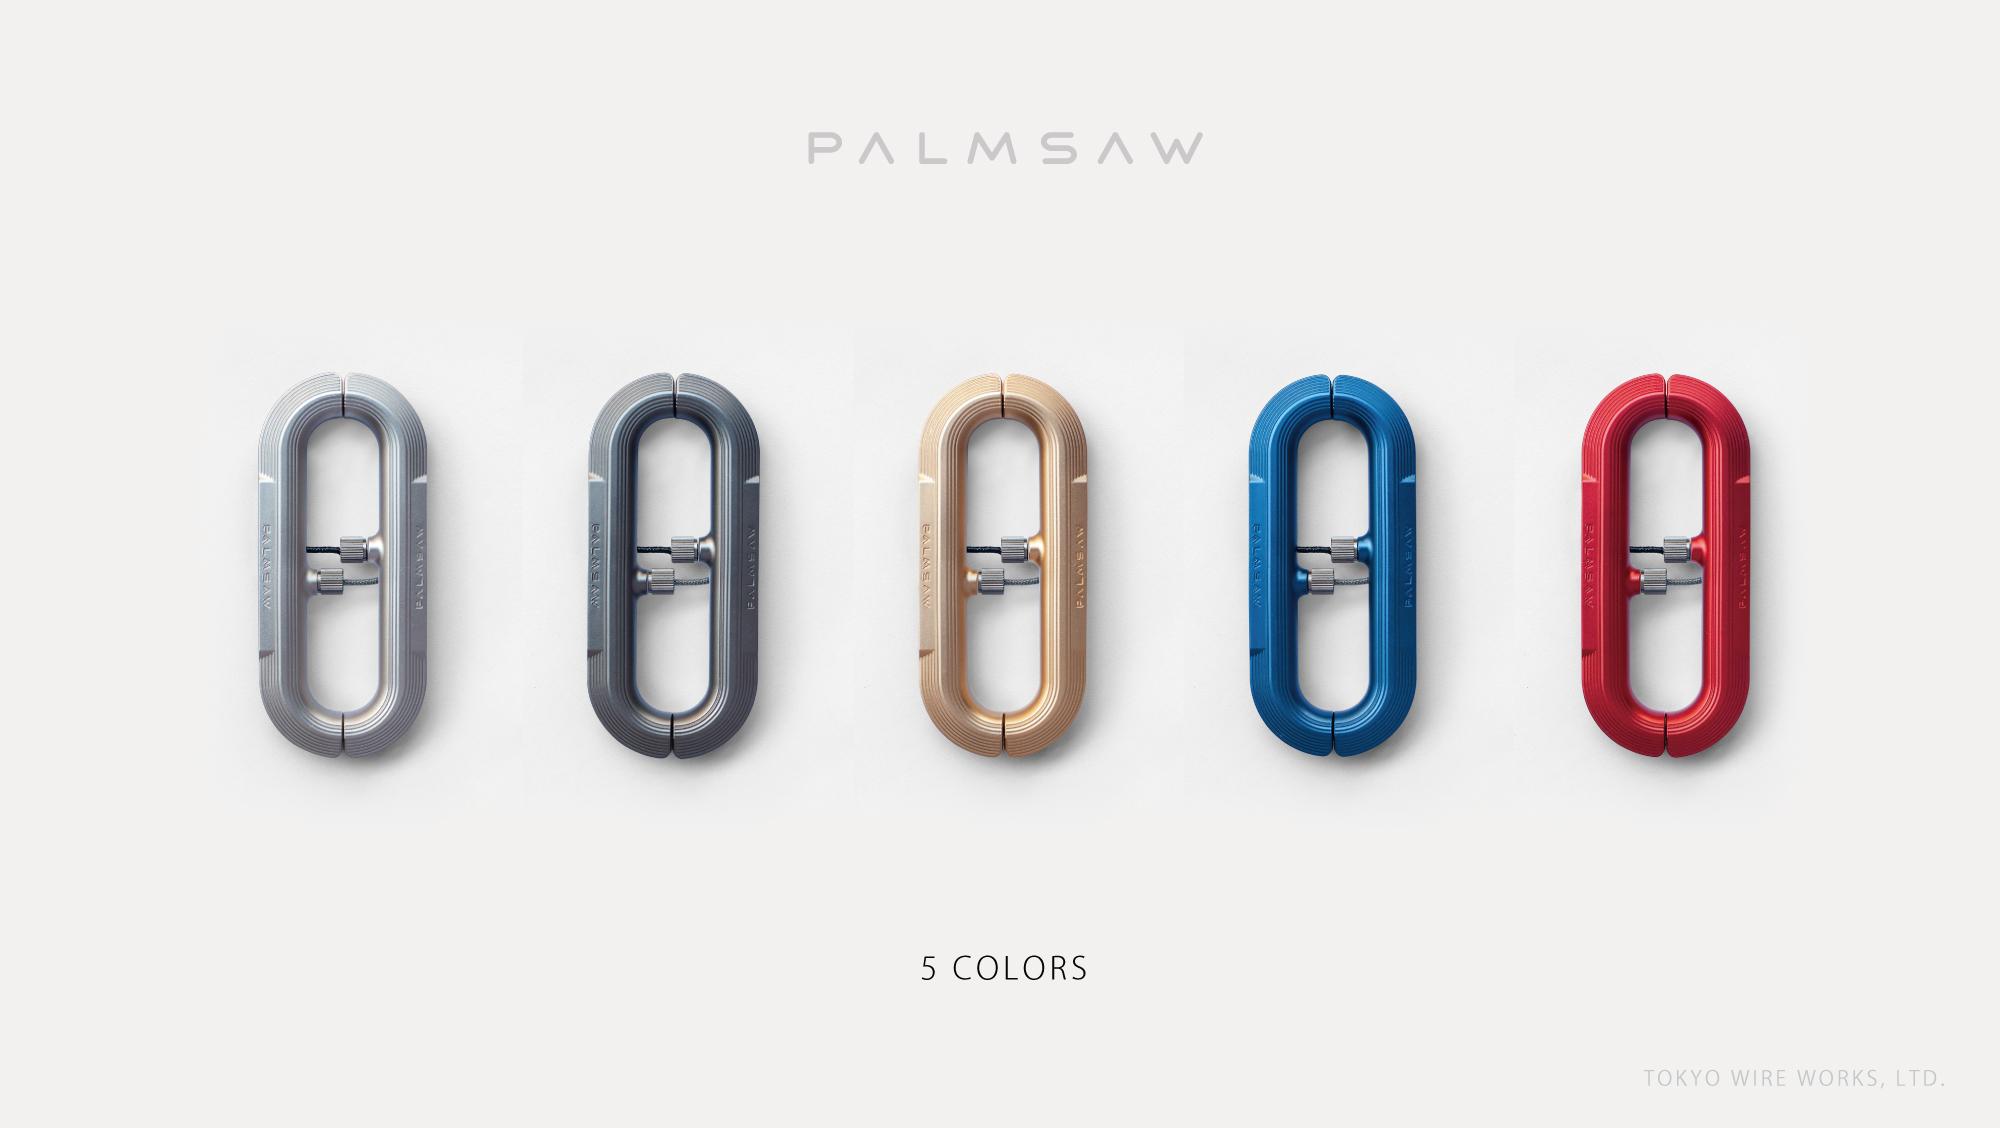 PALMSAW